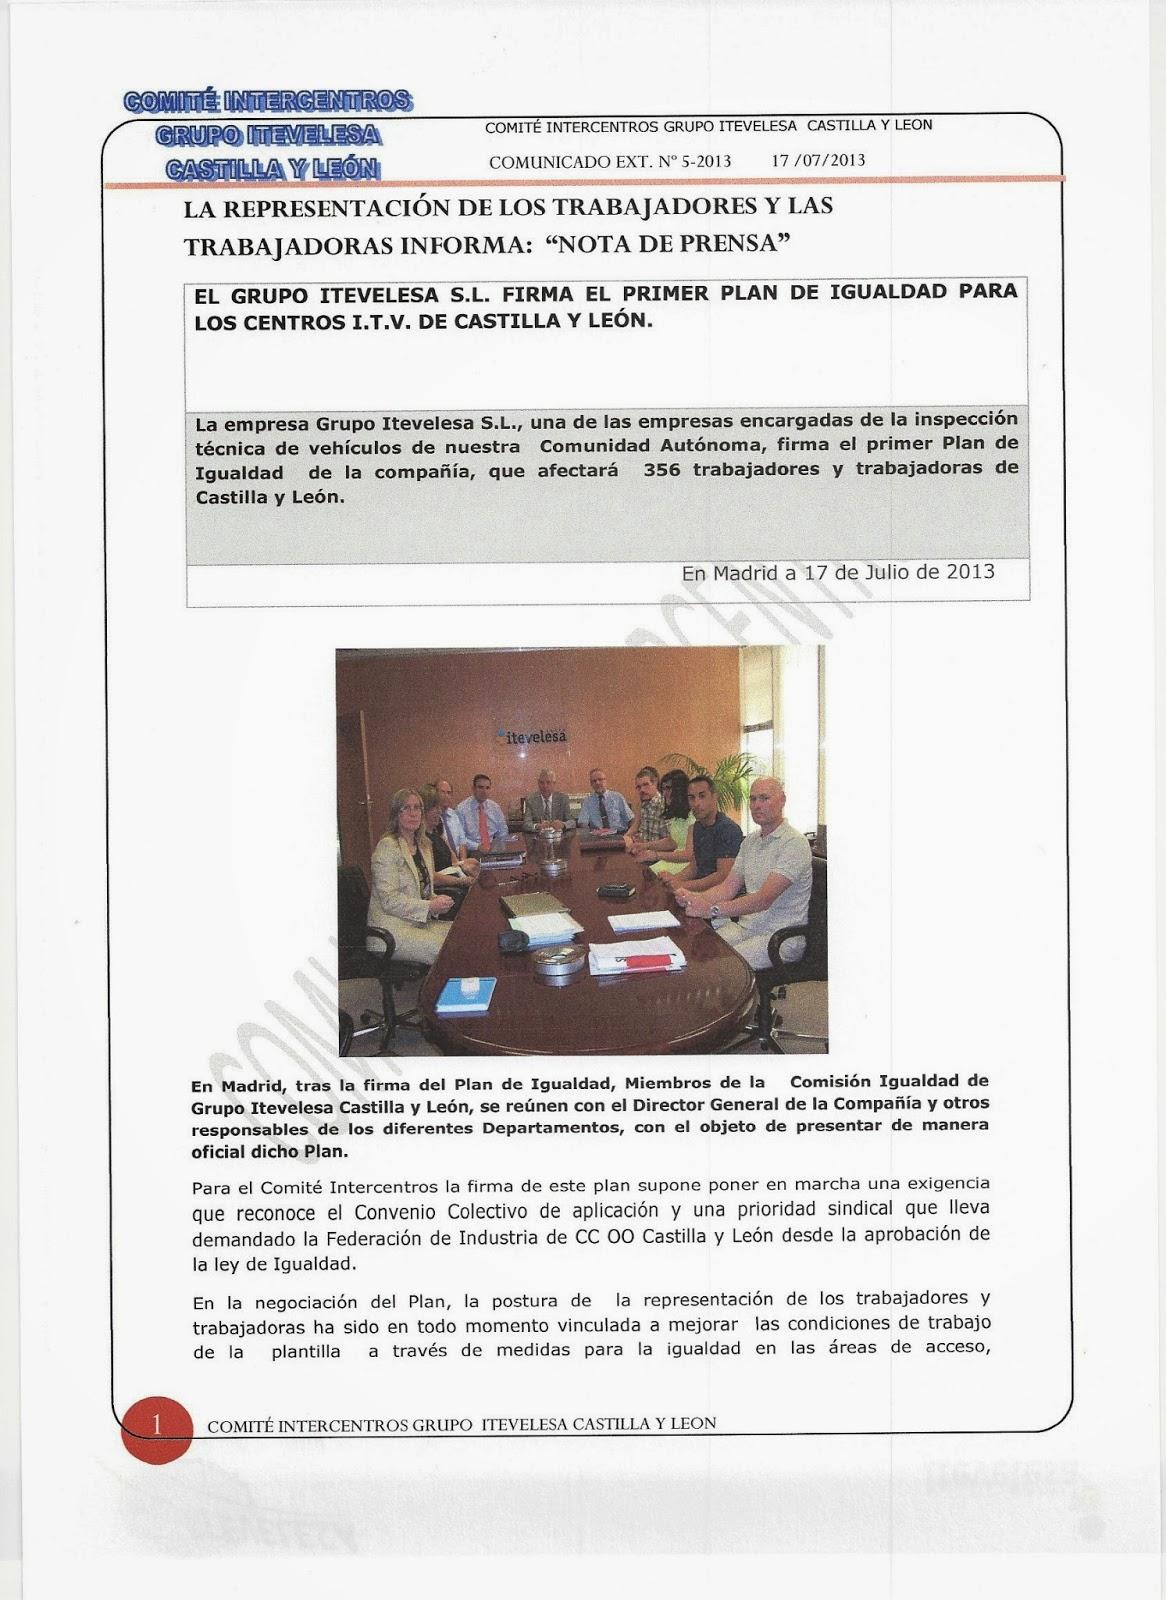 Comité Intercentros Itevelesa en Castilla y León.: julio 2013